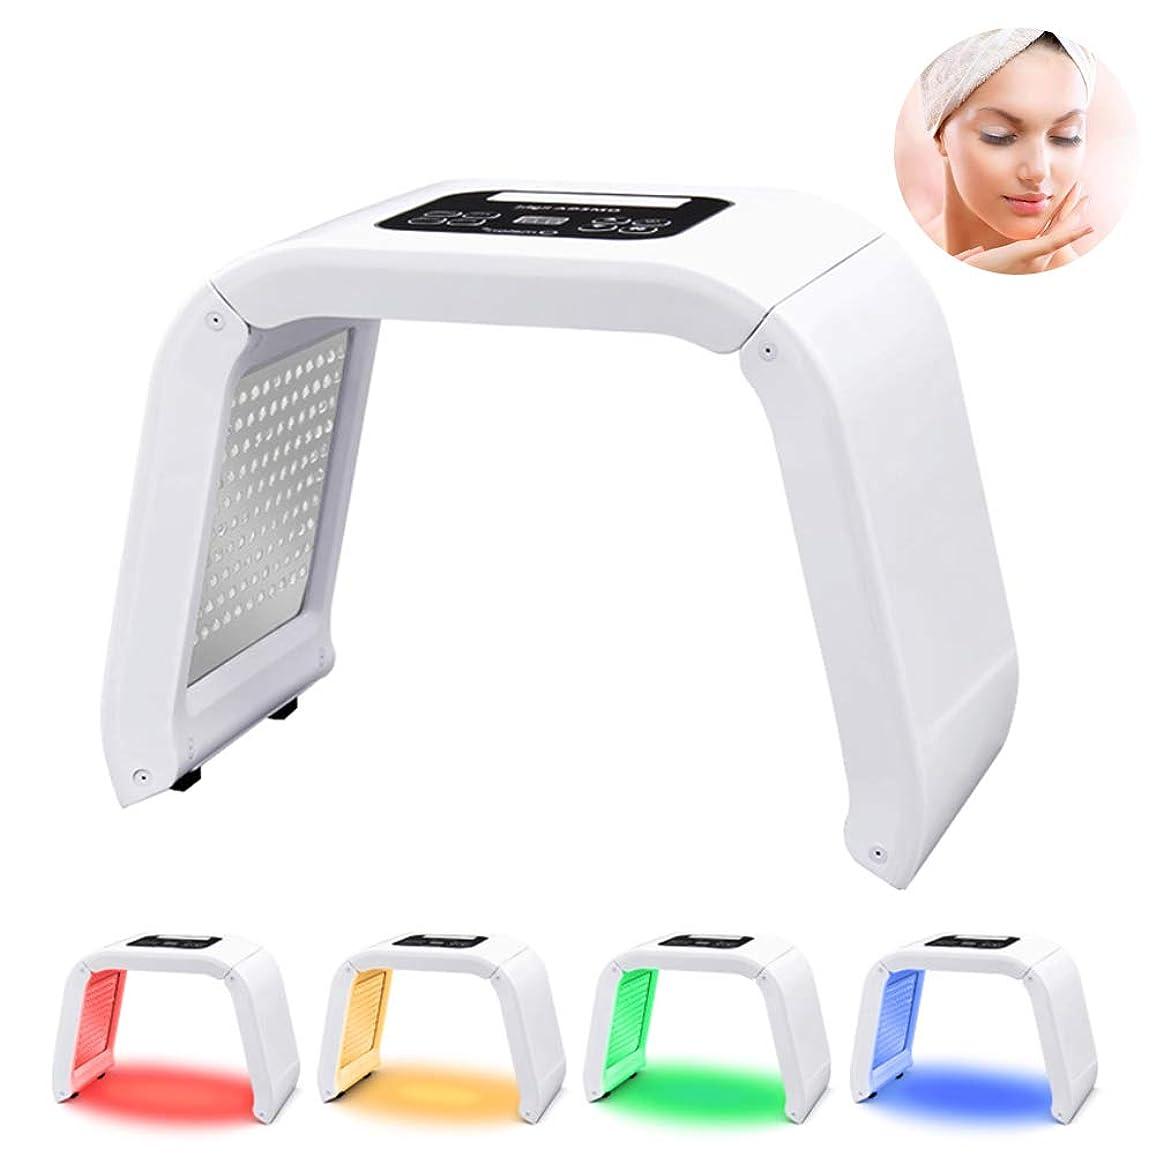 ビリーヤギ対話毎回PDT 4-In-1 LEDライト光線療法電気スキンケア美容装置家庭用多機能体の美容スキンケア分光器のマシン女性のための完璧なギフト